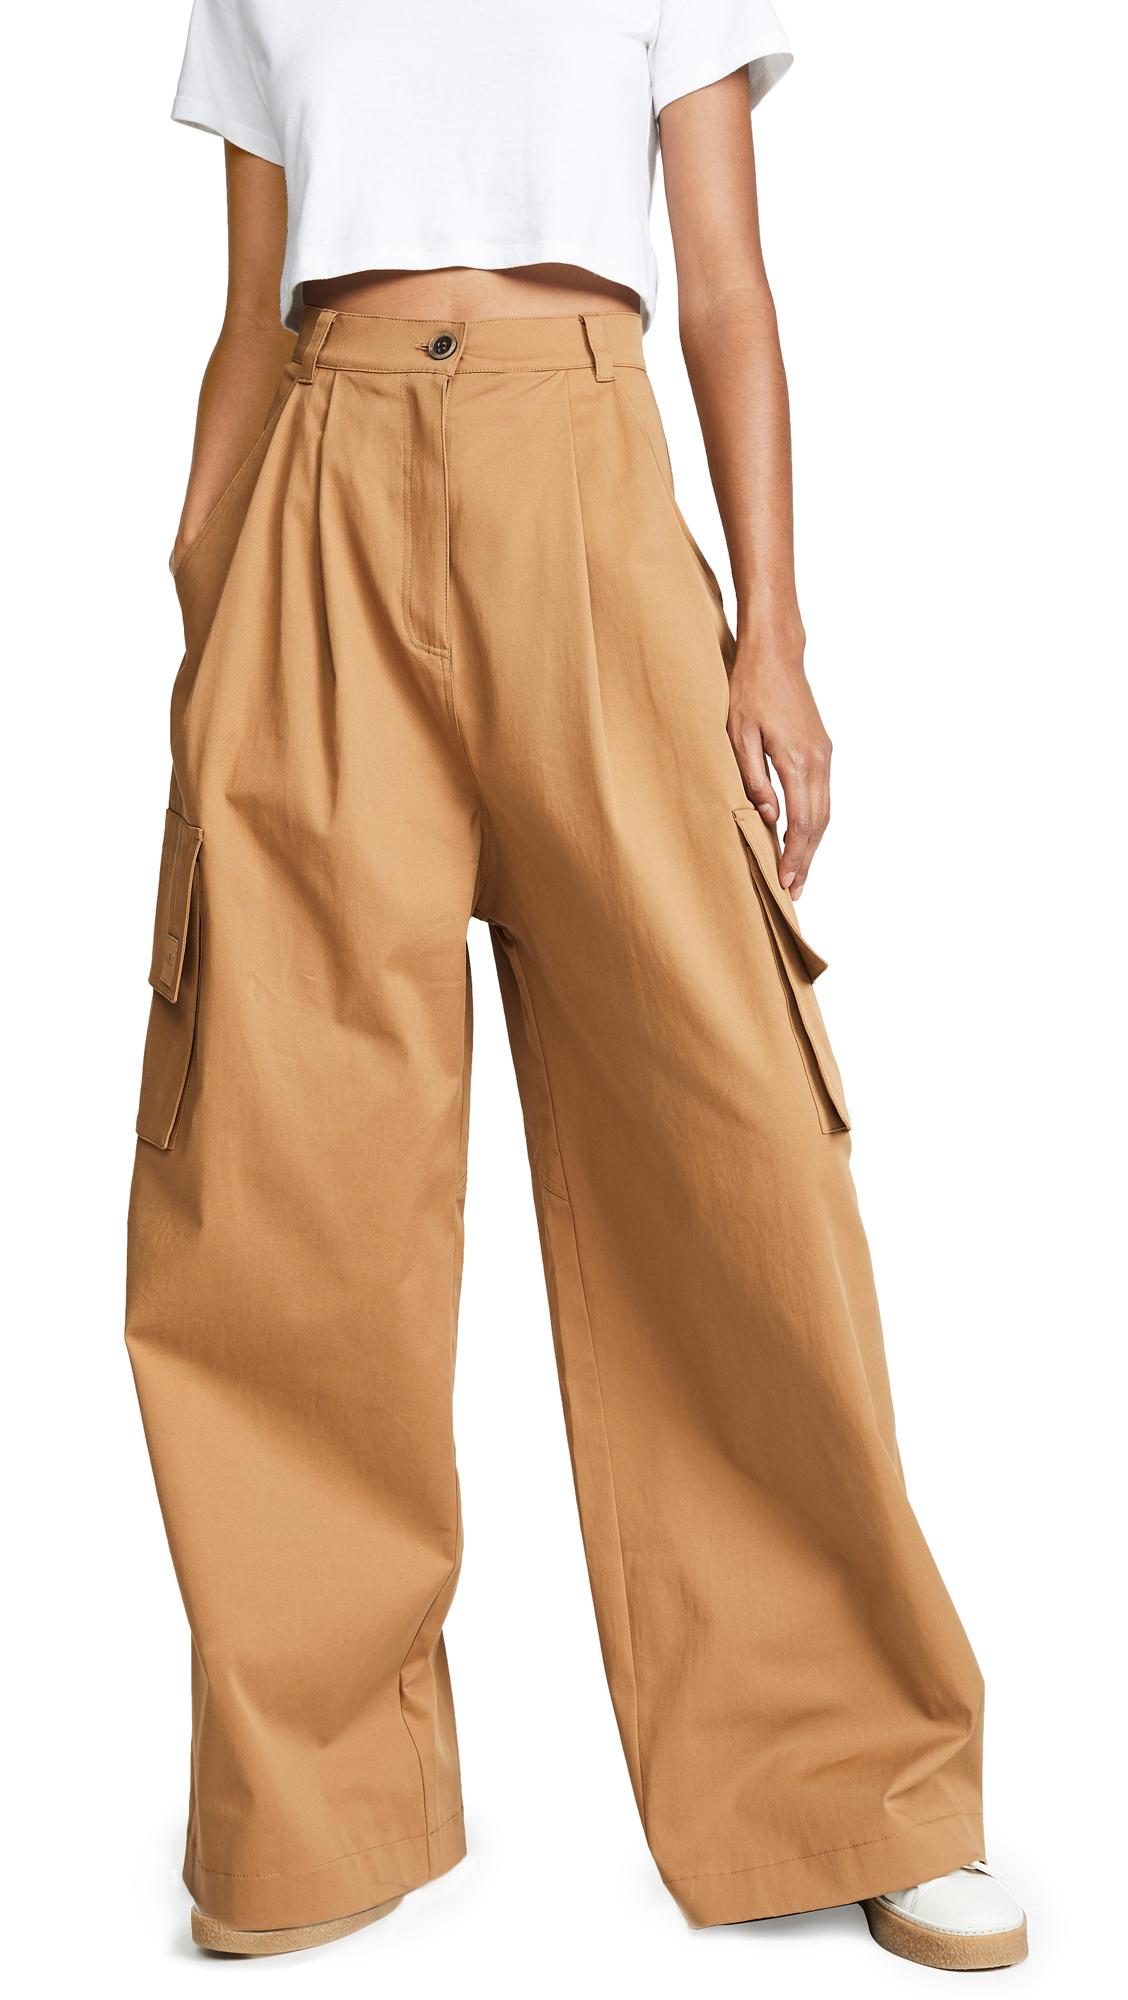 Natasha Zinko Wide Leg Cargo Trousers In Beige